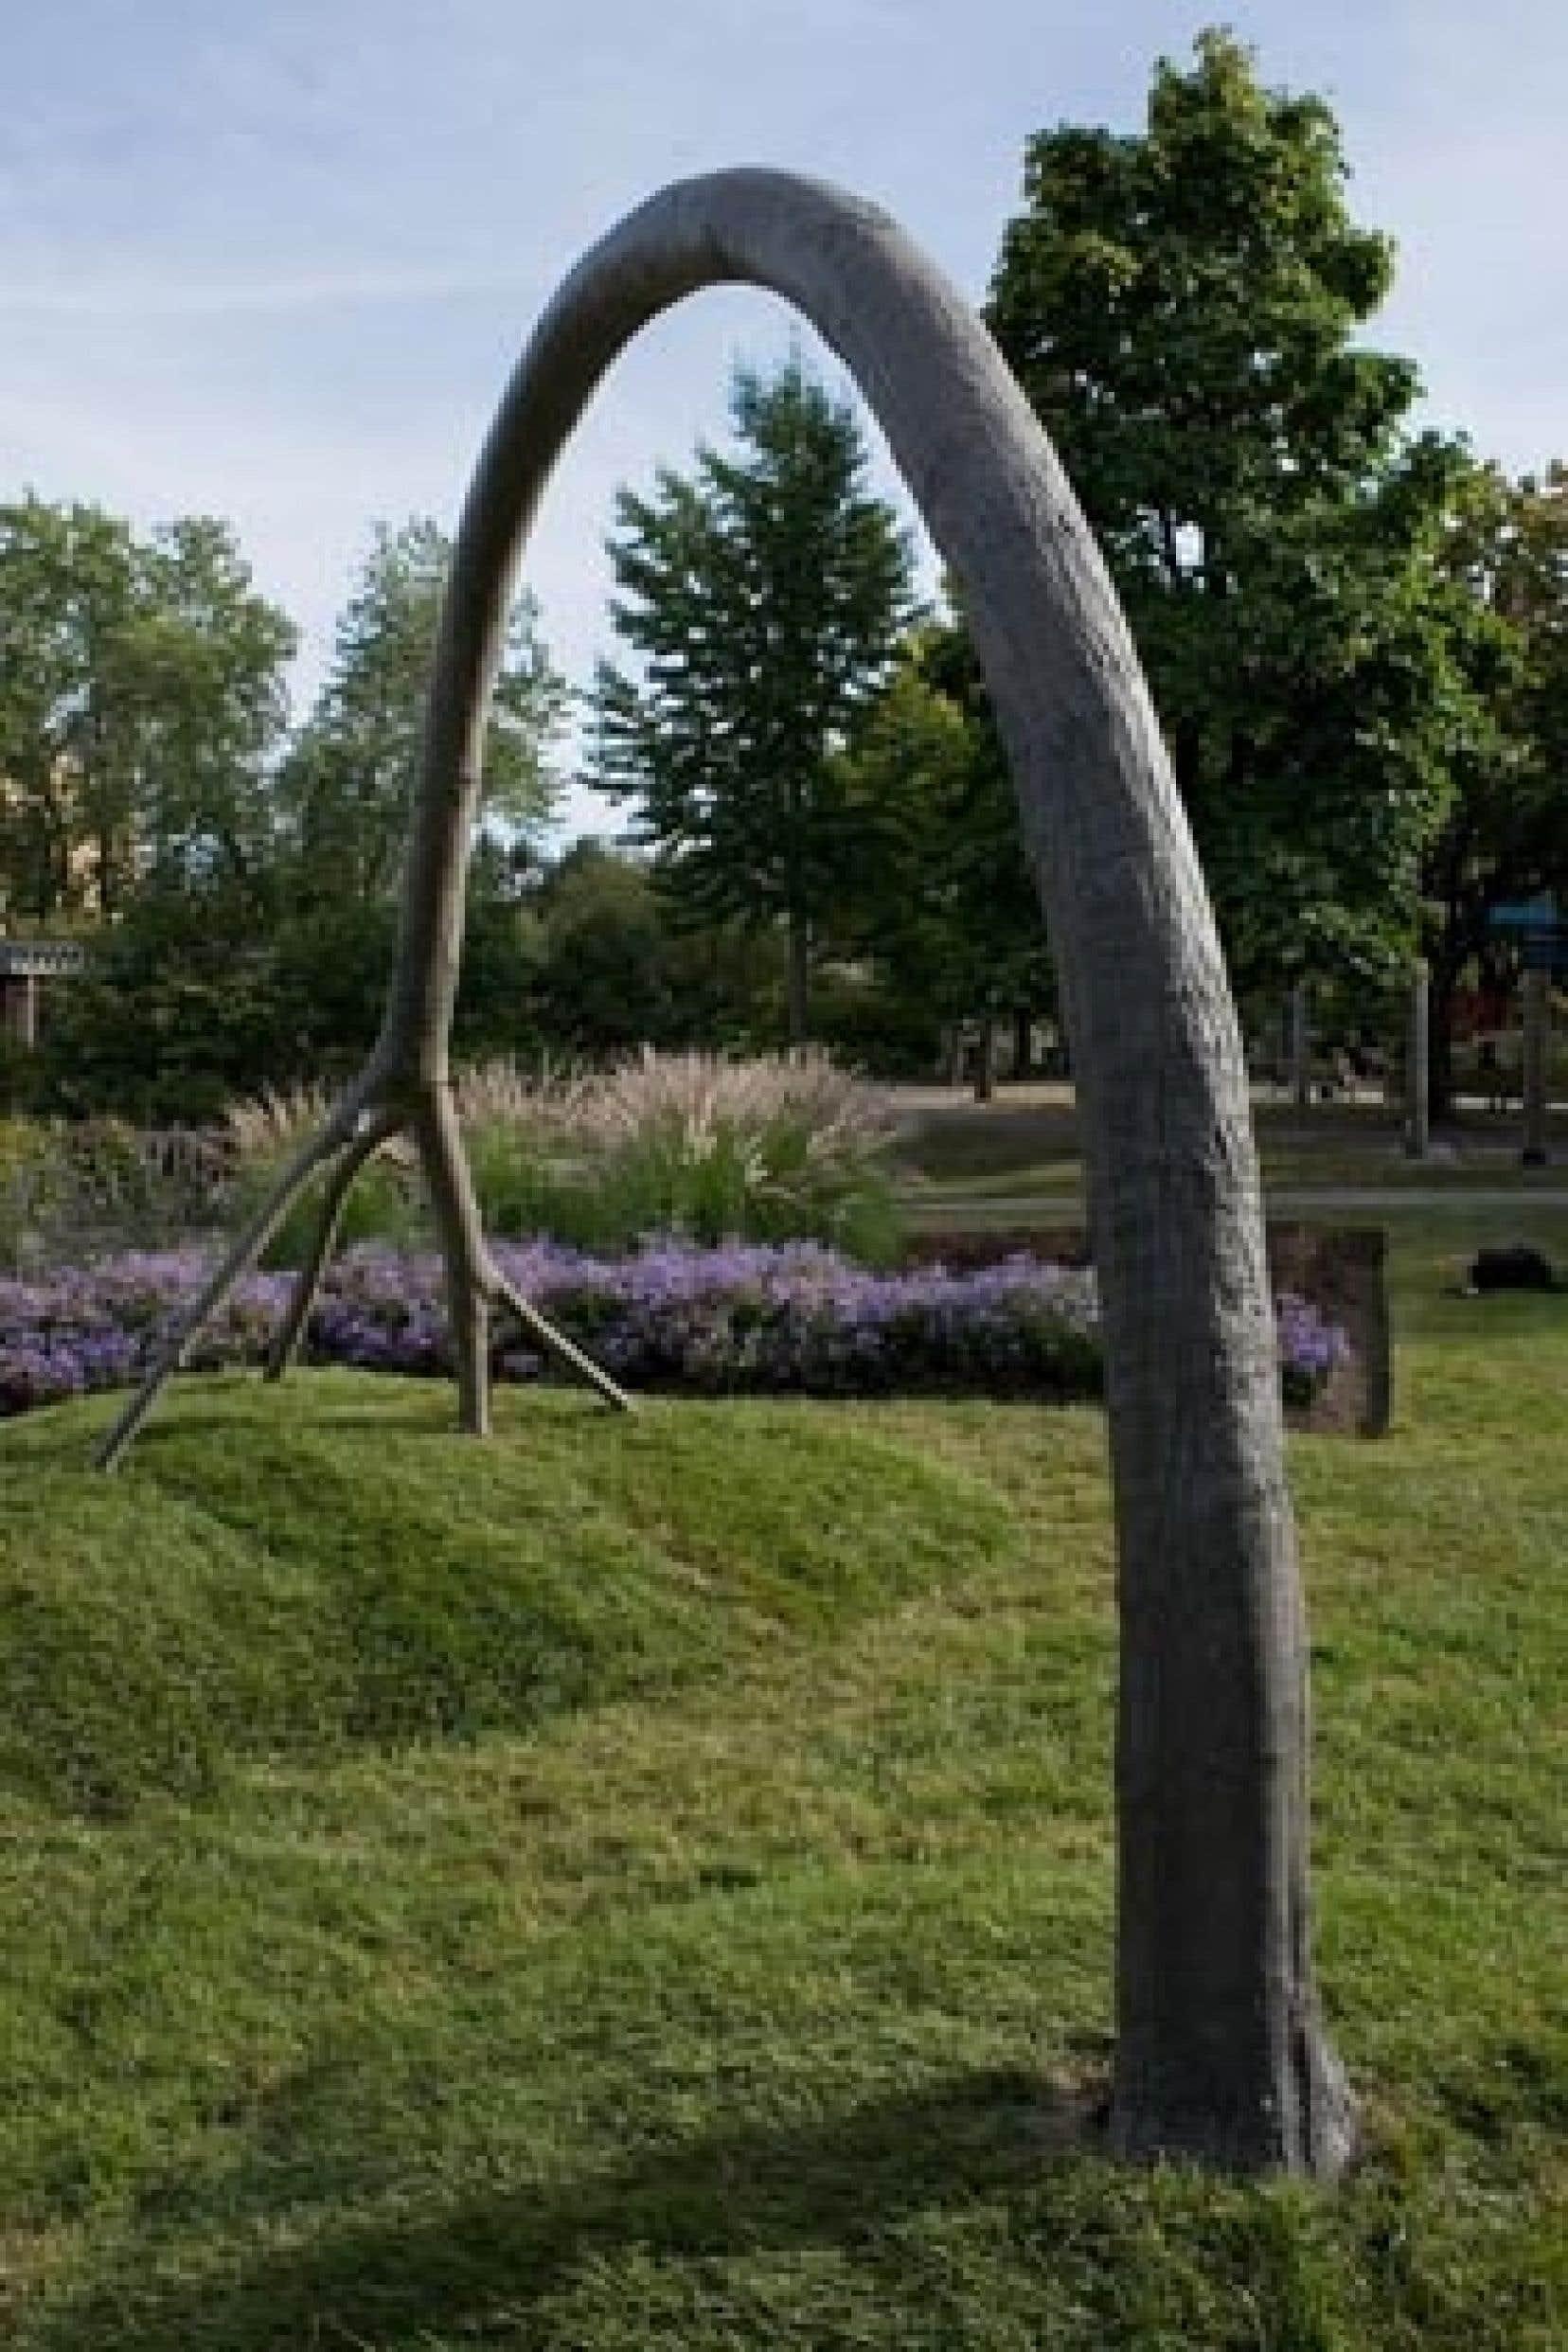 L'Arc, de Michel de Broin, une oeuvre installée dans le parc Jean-Drapeau, à Montréal.